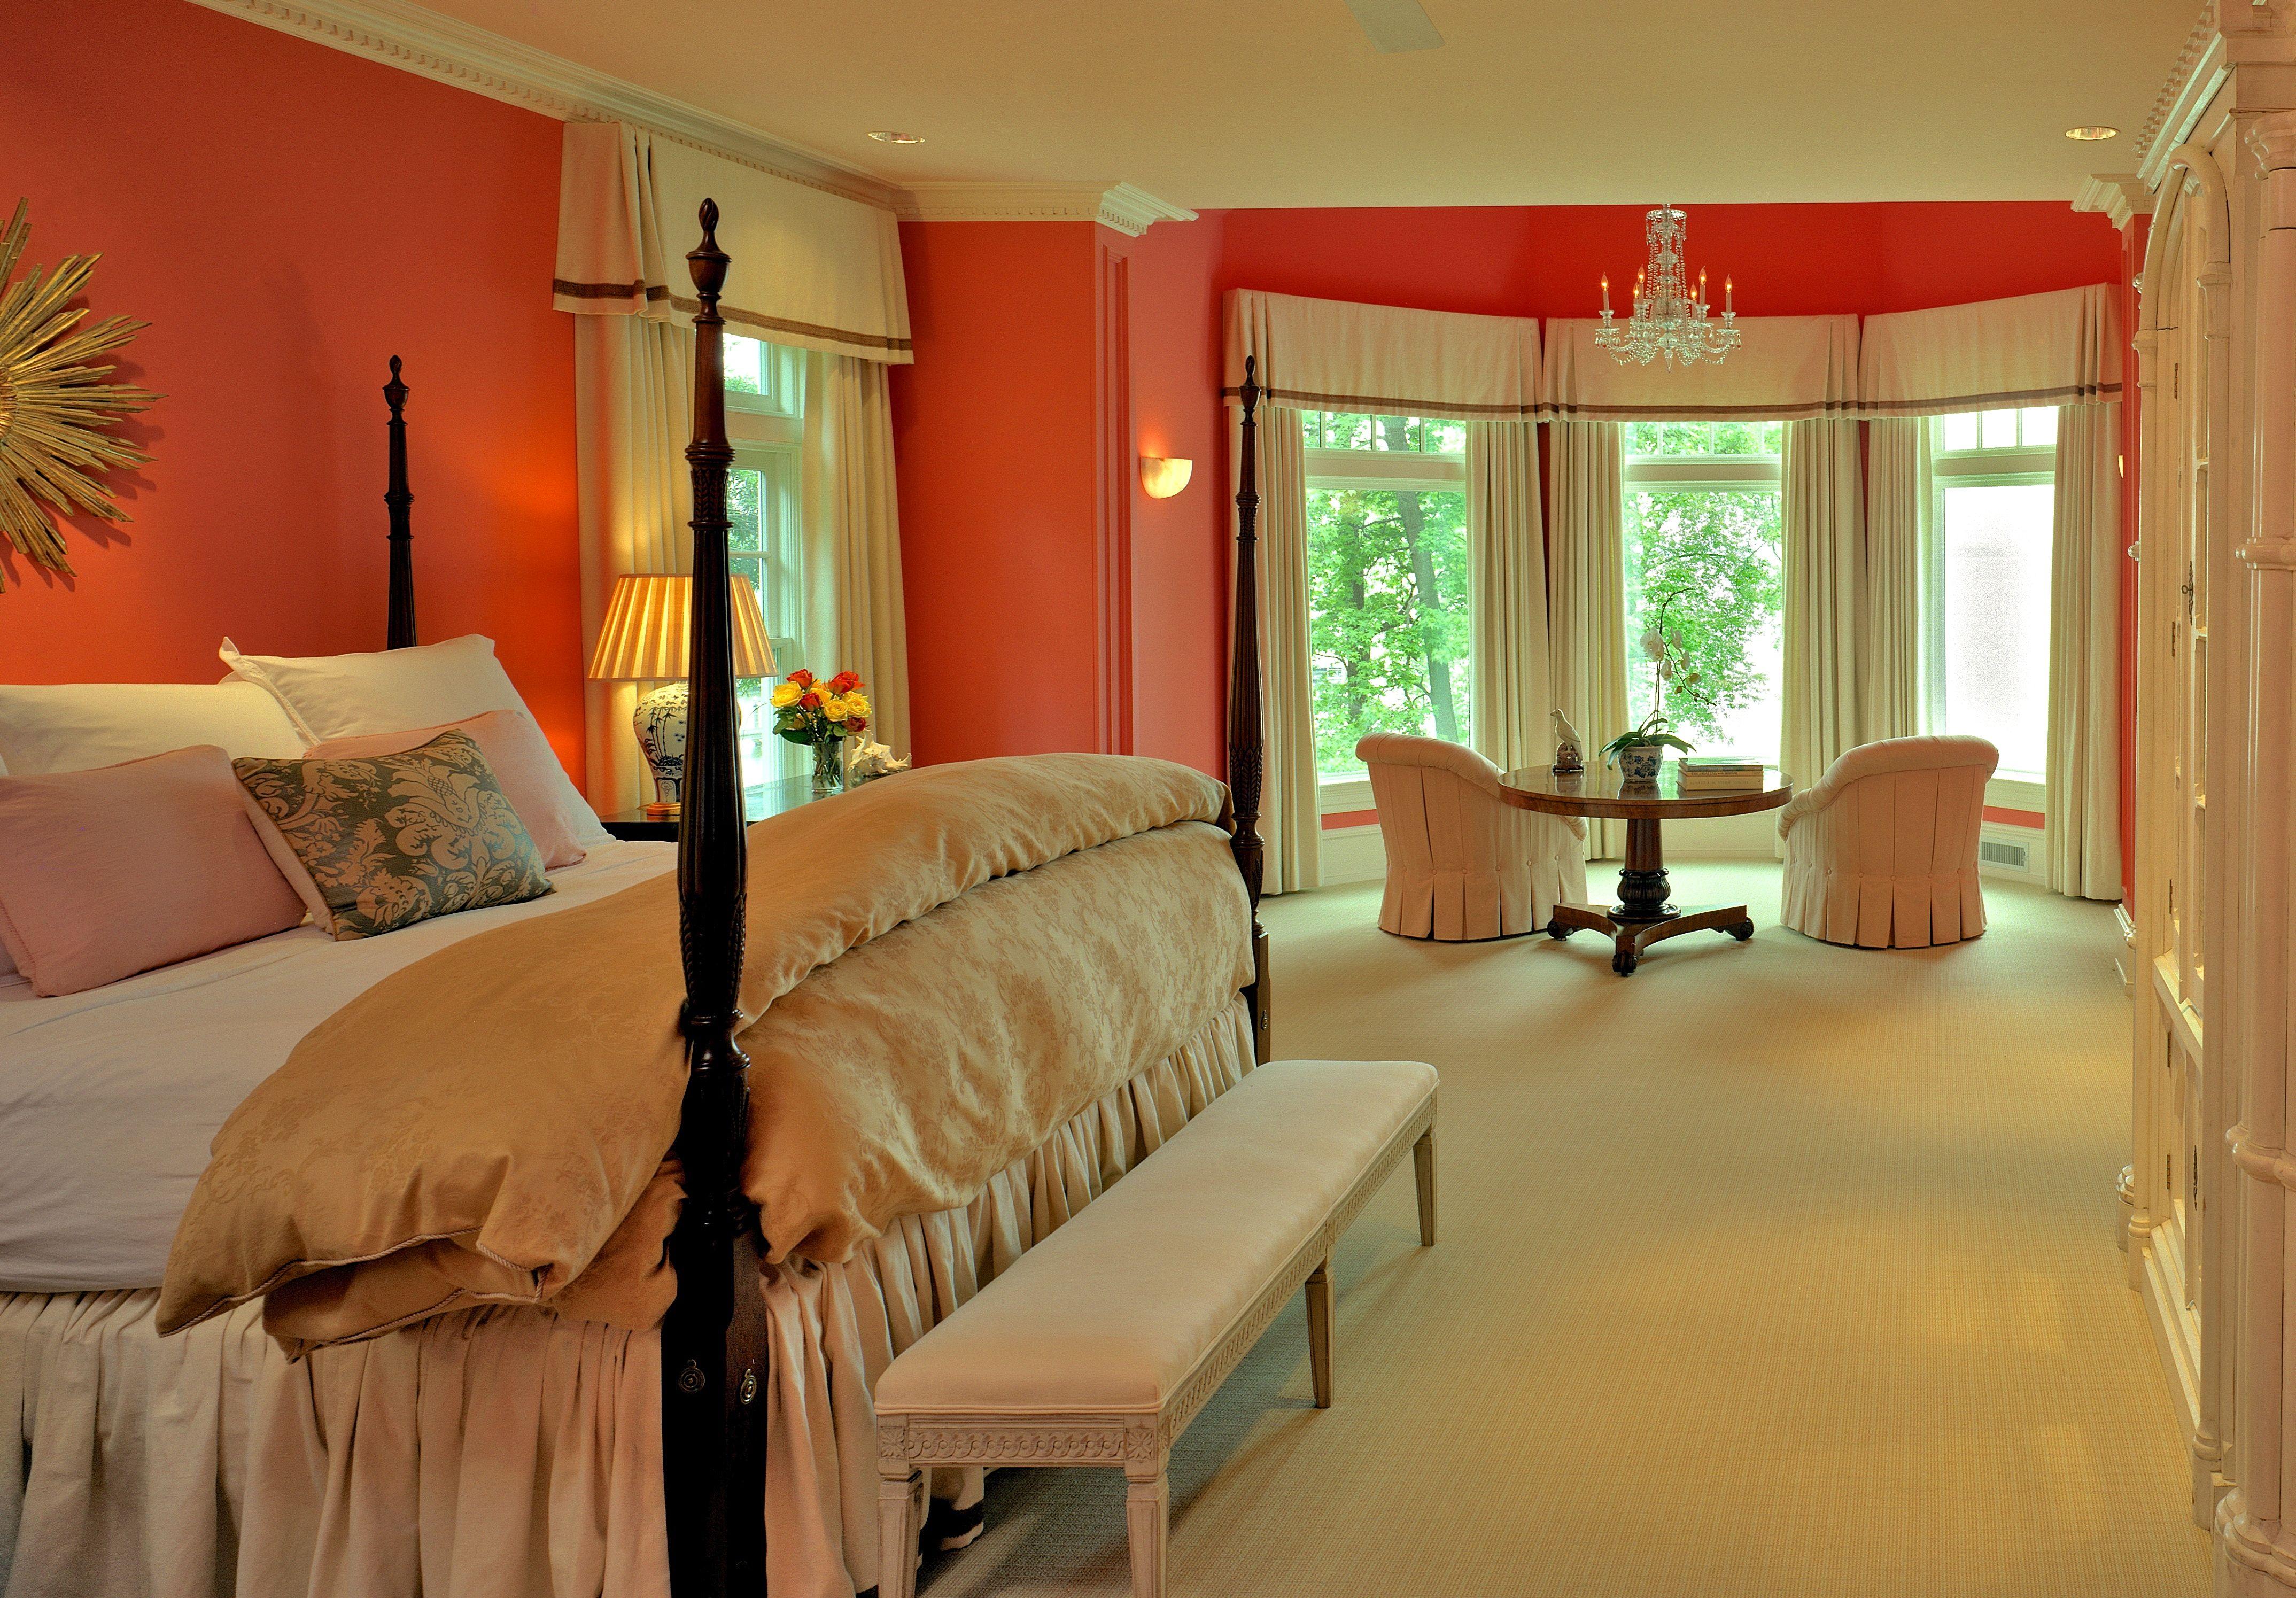 Персиковый цвет и его оттенки: как смешивать краски.